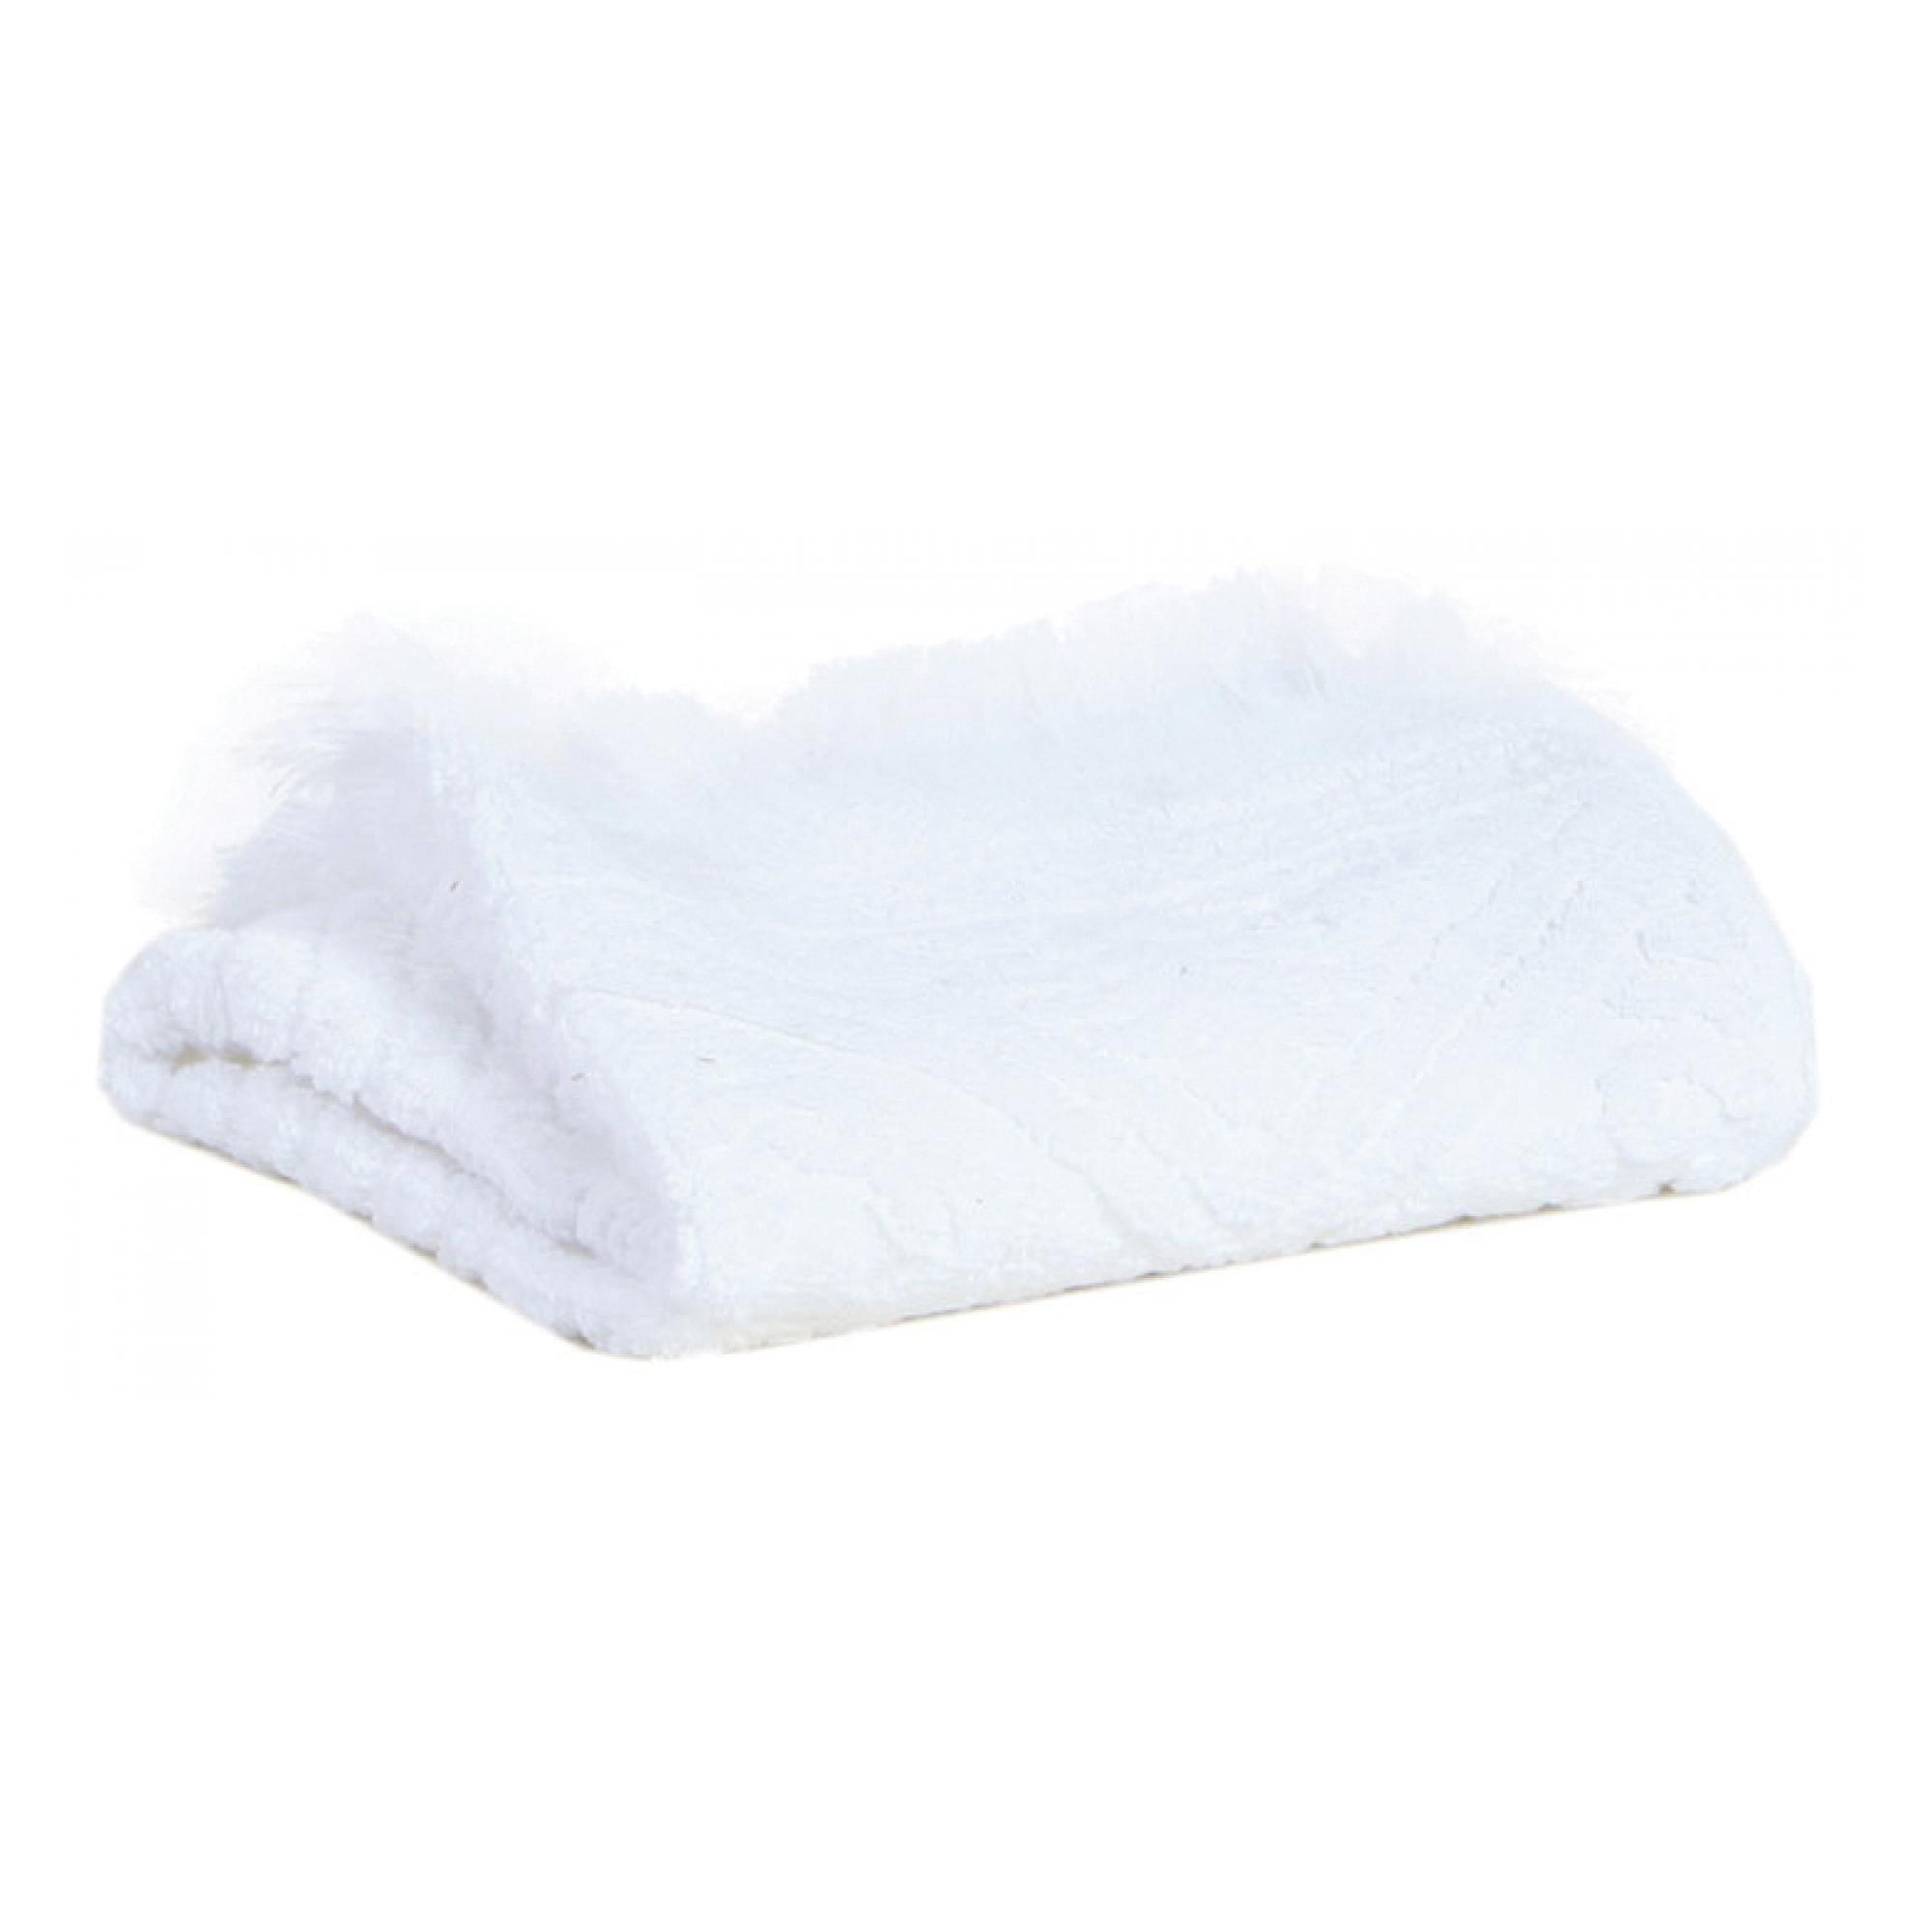 Drap de douche Zoé en coton neige 70 x 140